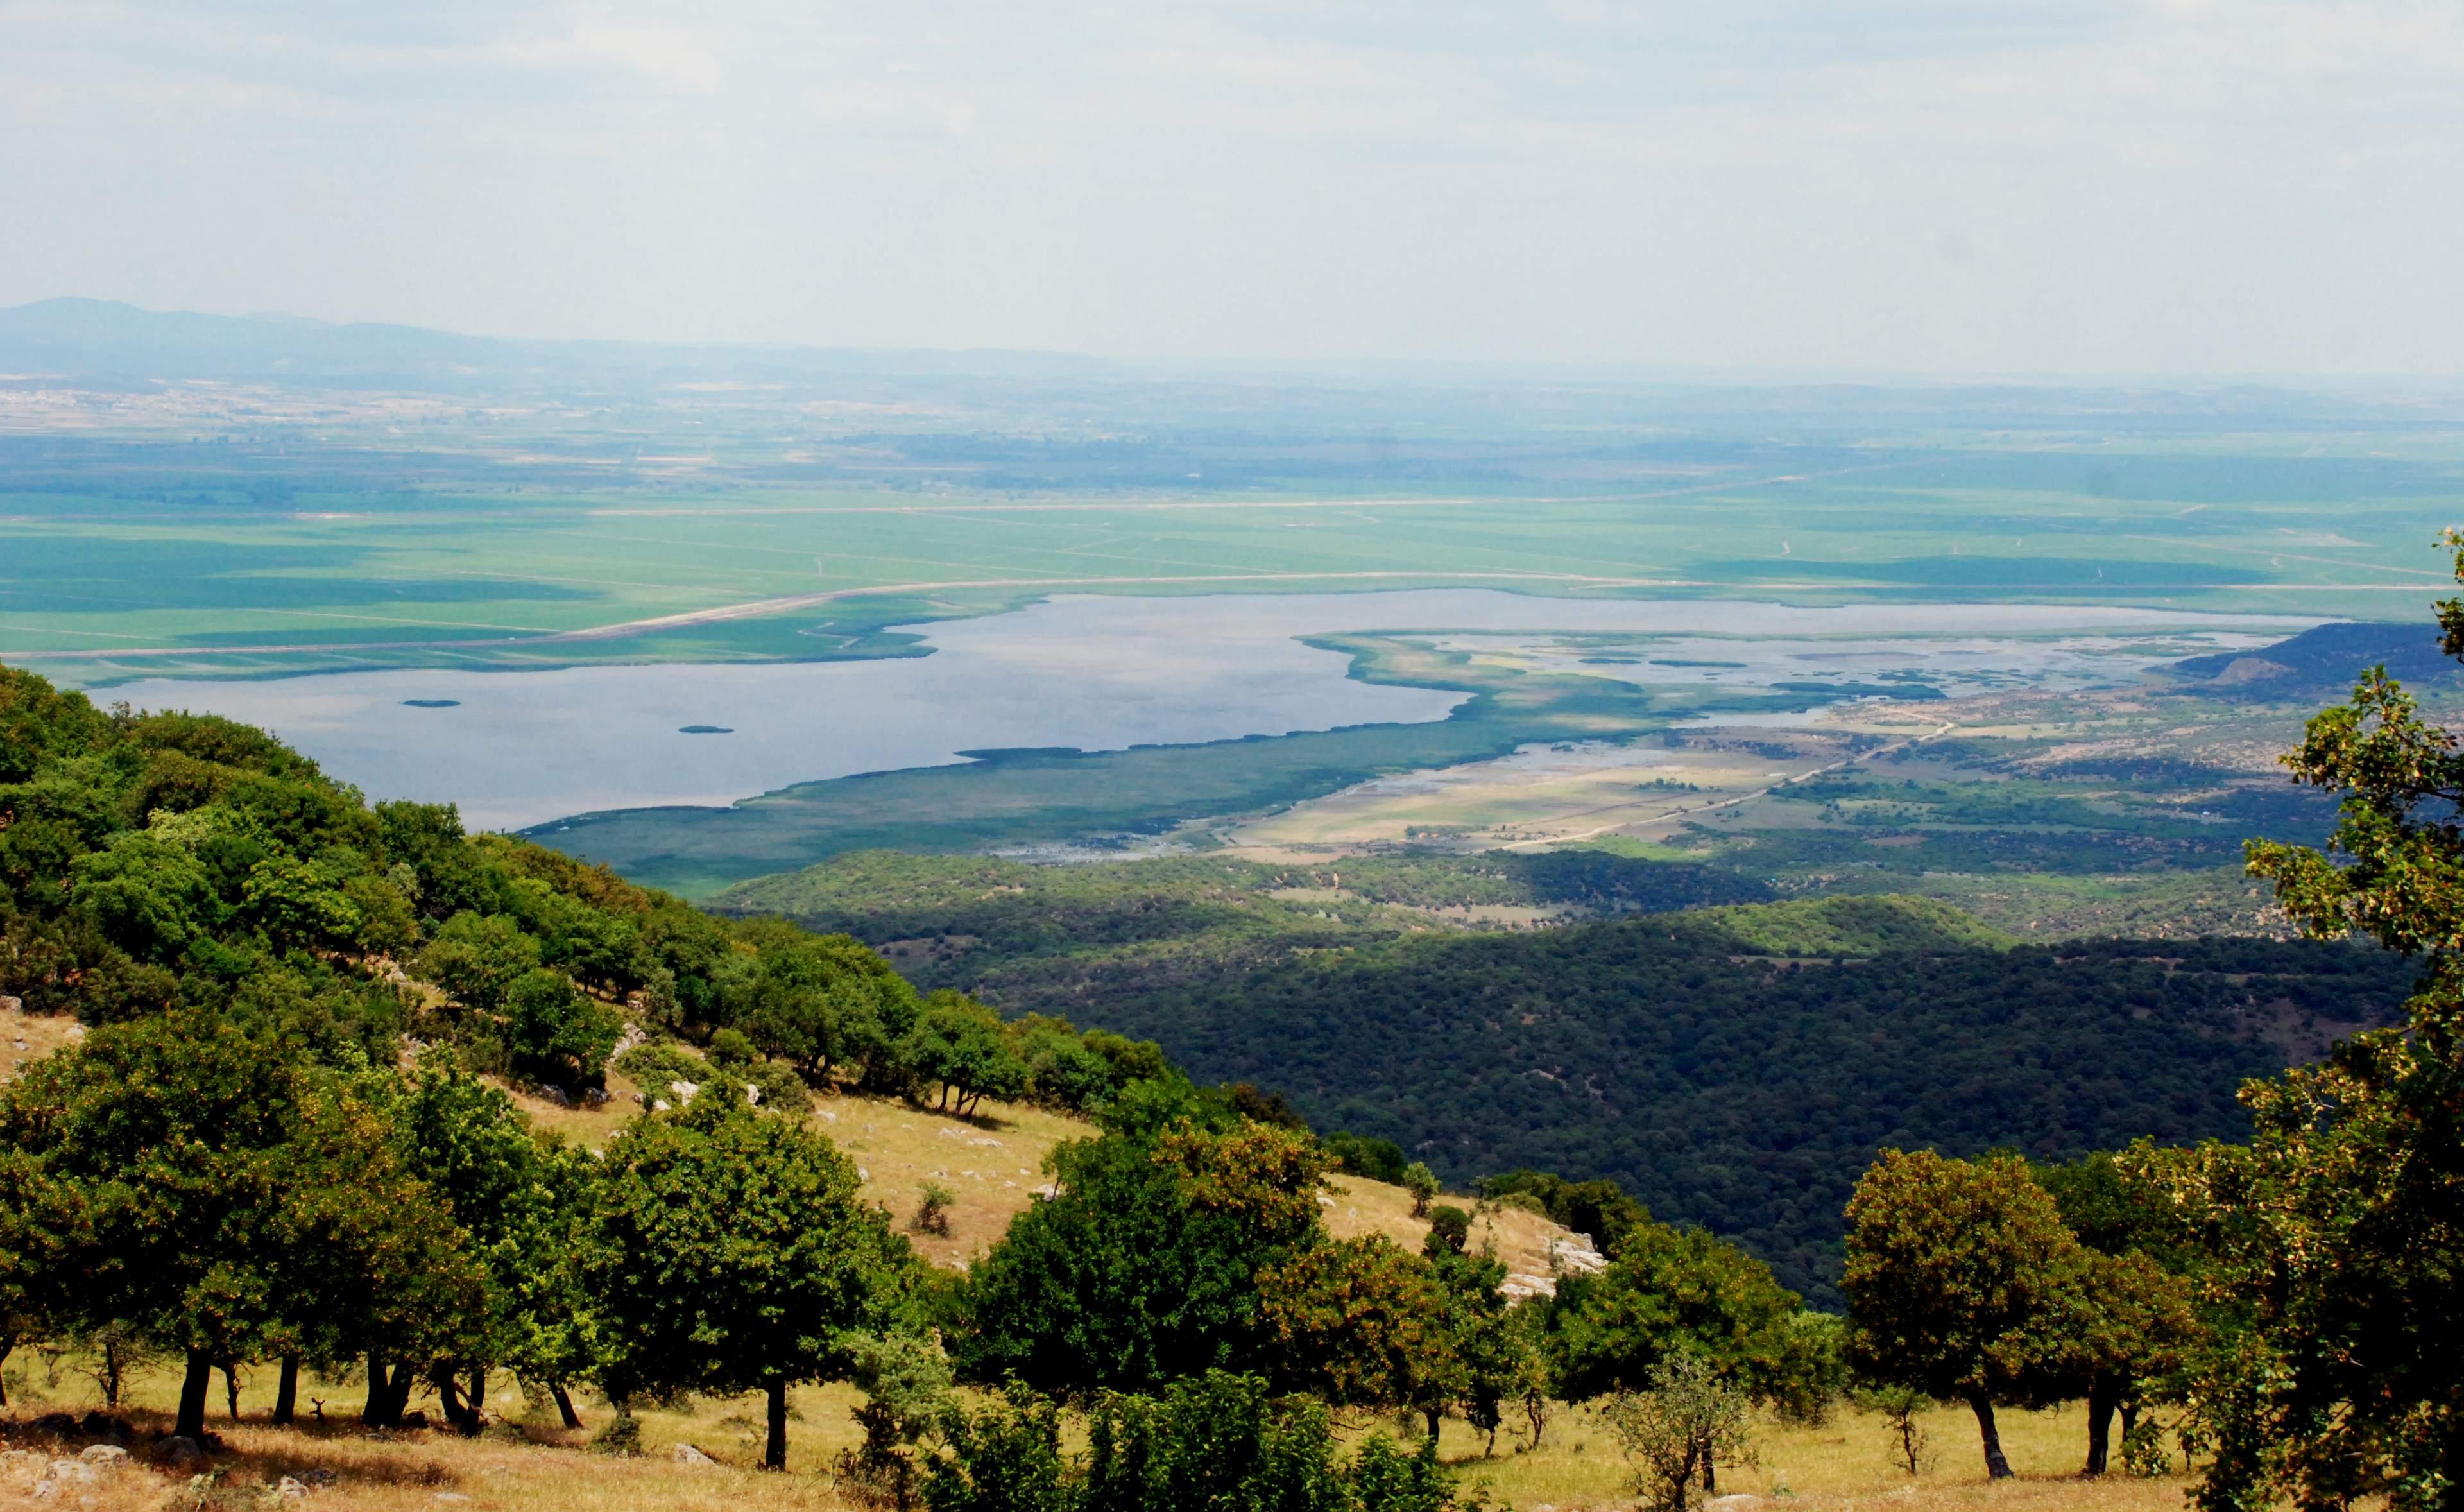 Gala Gölü Milli Parkı'nda 44 Binden Fazla Kuş Yaşıyor